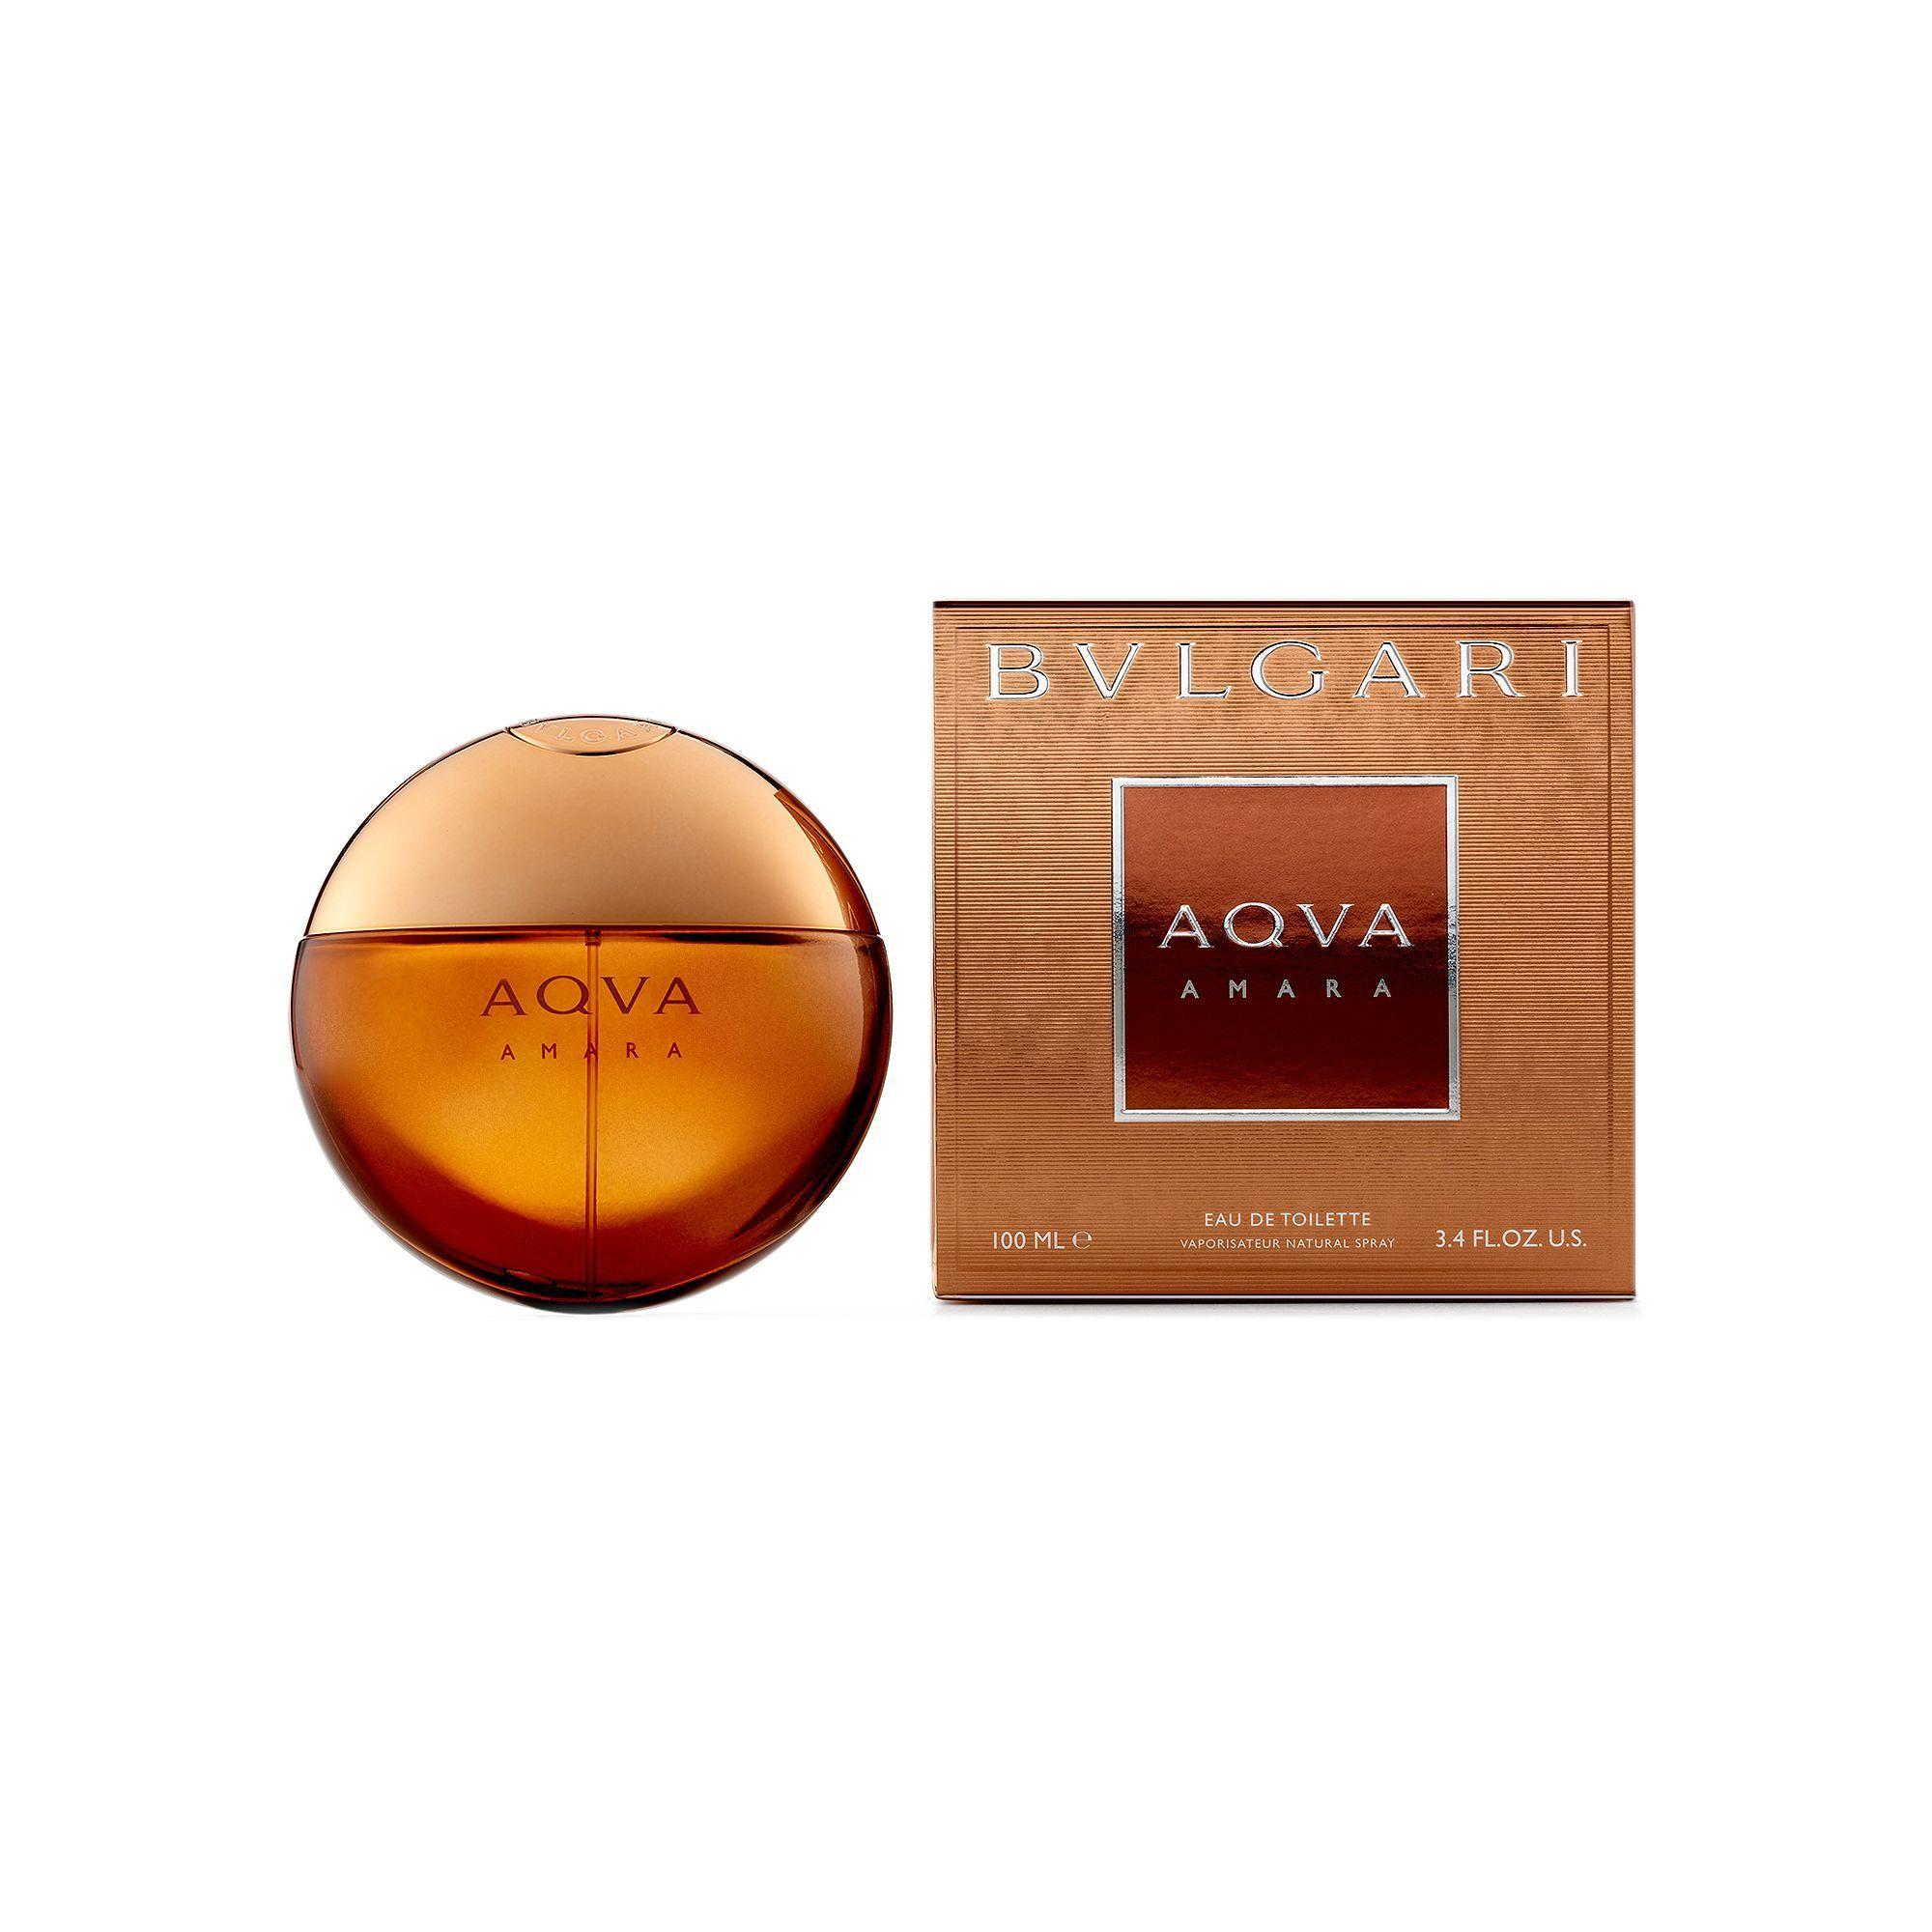 Bvlgari Aqva Amara Mens Cologne Eau De Toilette Products